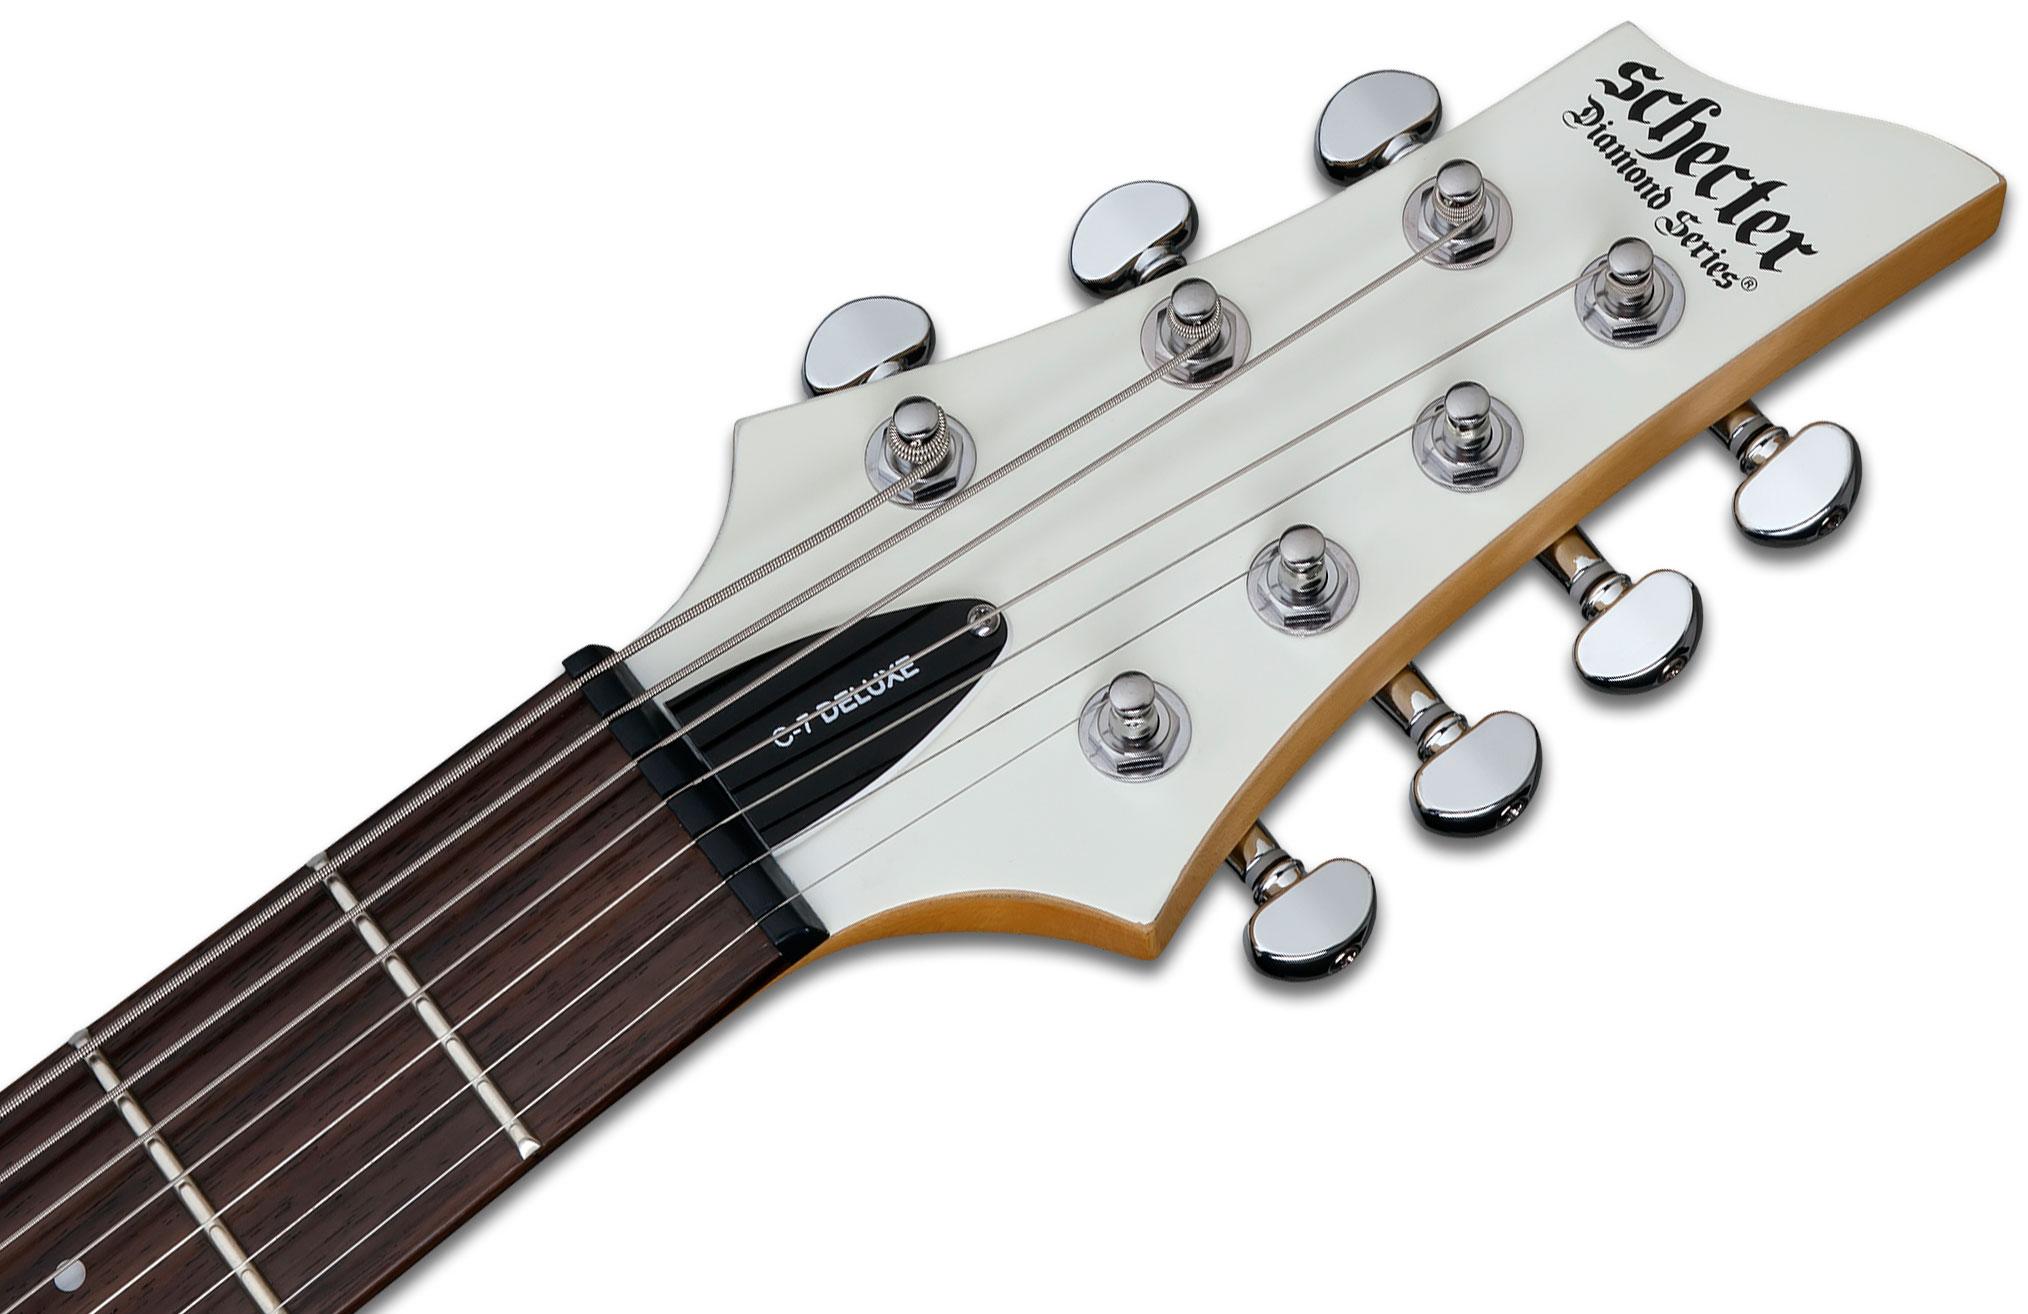 словам ирины, гриф гитары фото поживёшь квартире